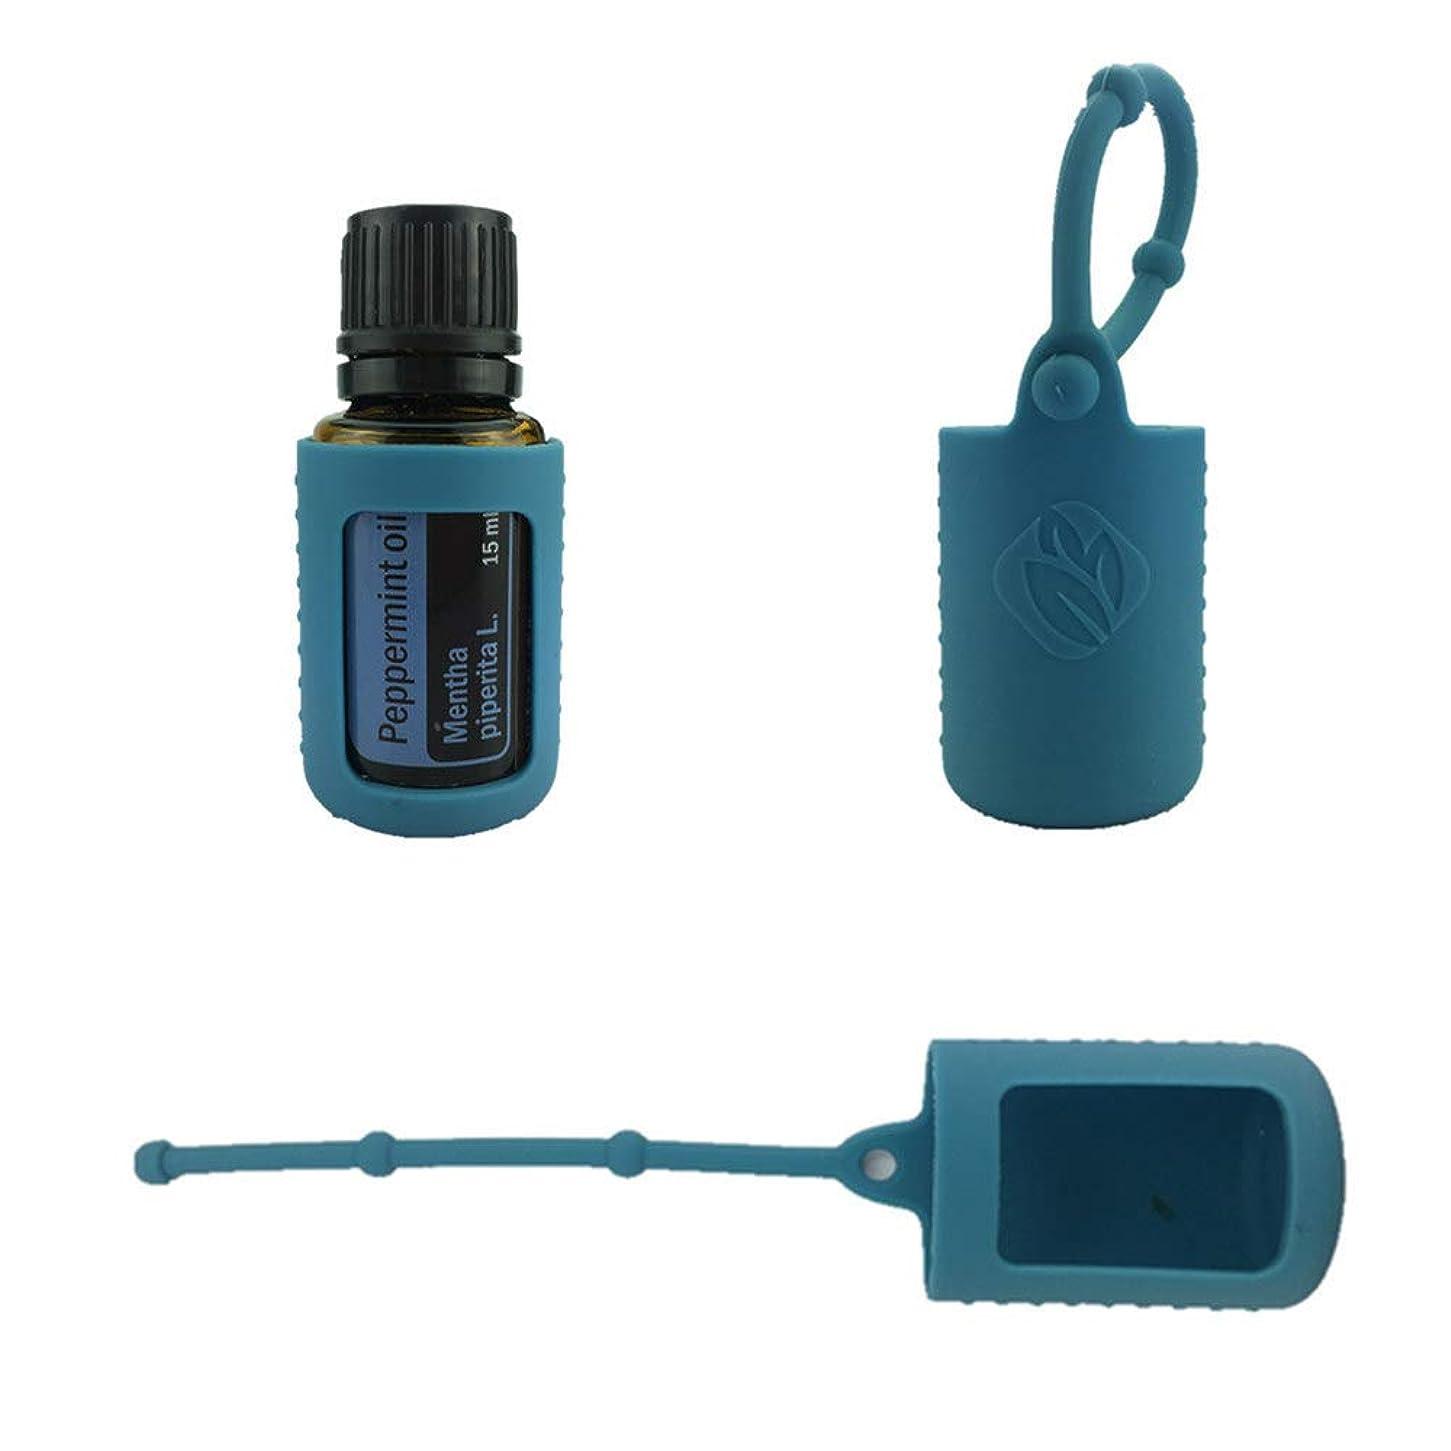 調整する任意帝国6パック熱望オイルボトルシリコンローラーボトルホルダースリーブエッセンシャルオイルボトル保護カバーケースハングロープ - ダンク ブルー - 6-pcs 10ml